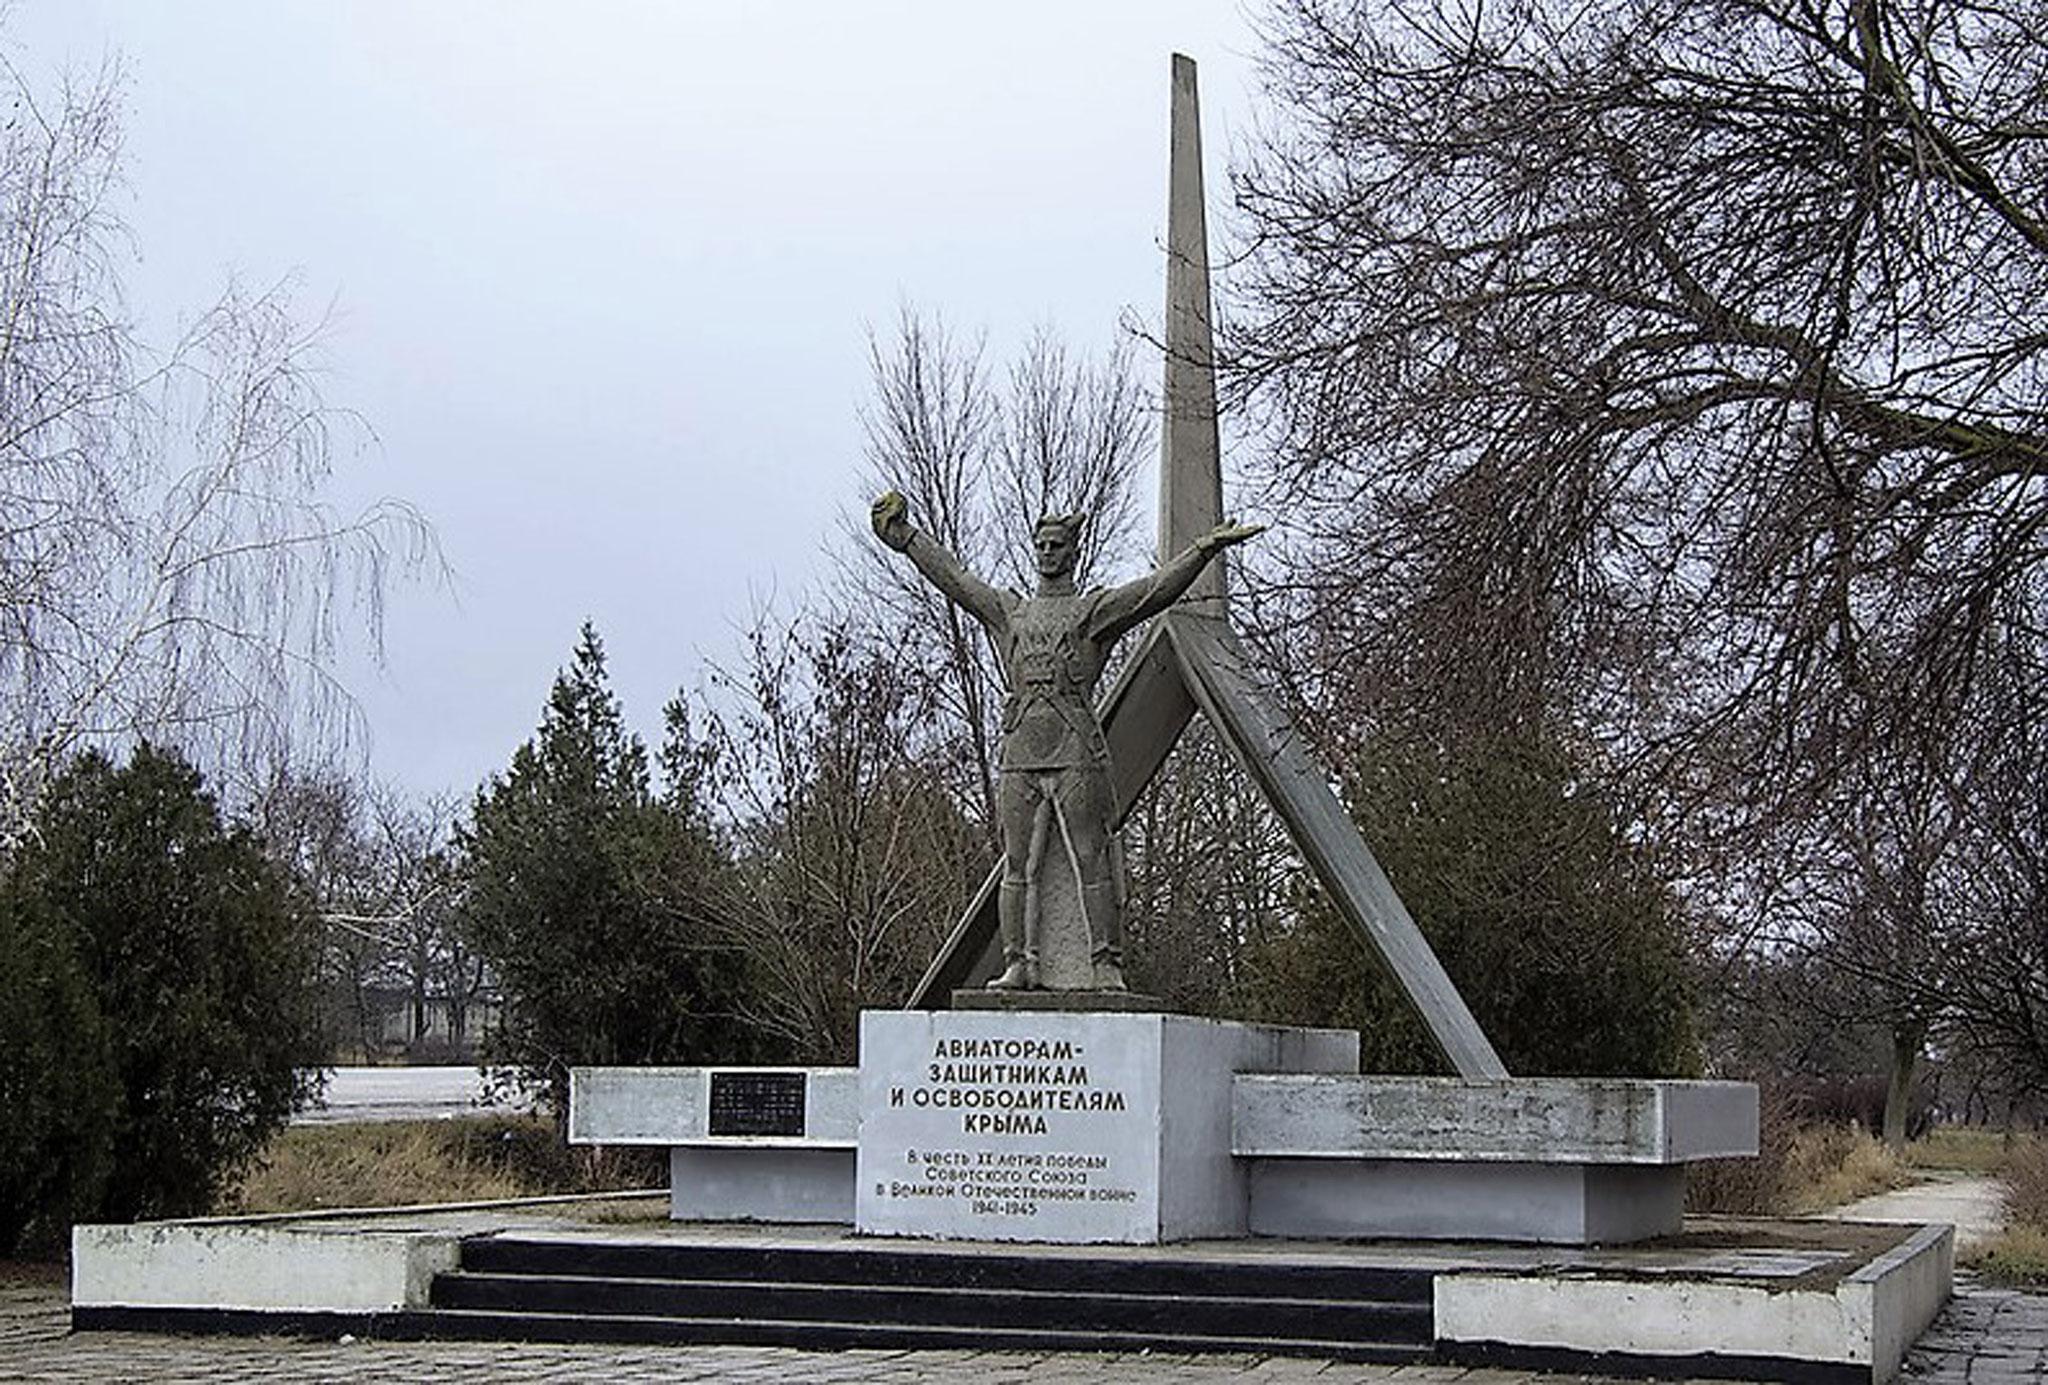 кратко о памятниках и фото г джанкоя один защитный